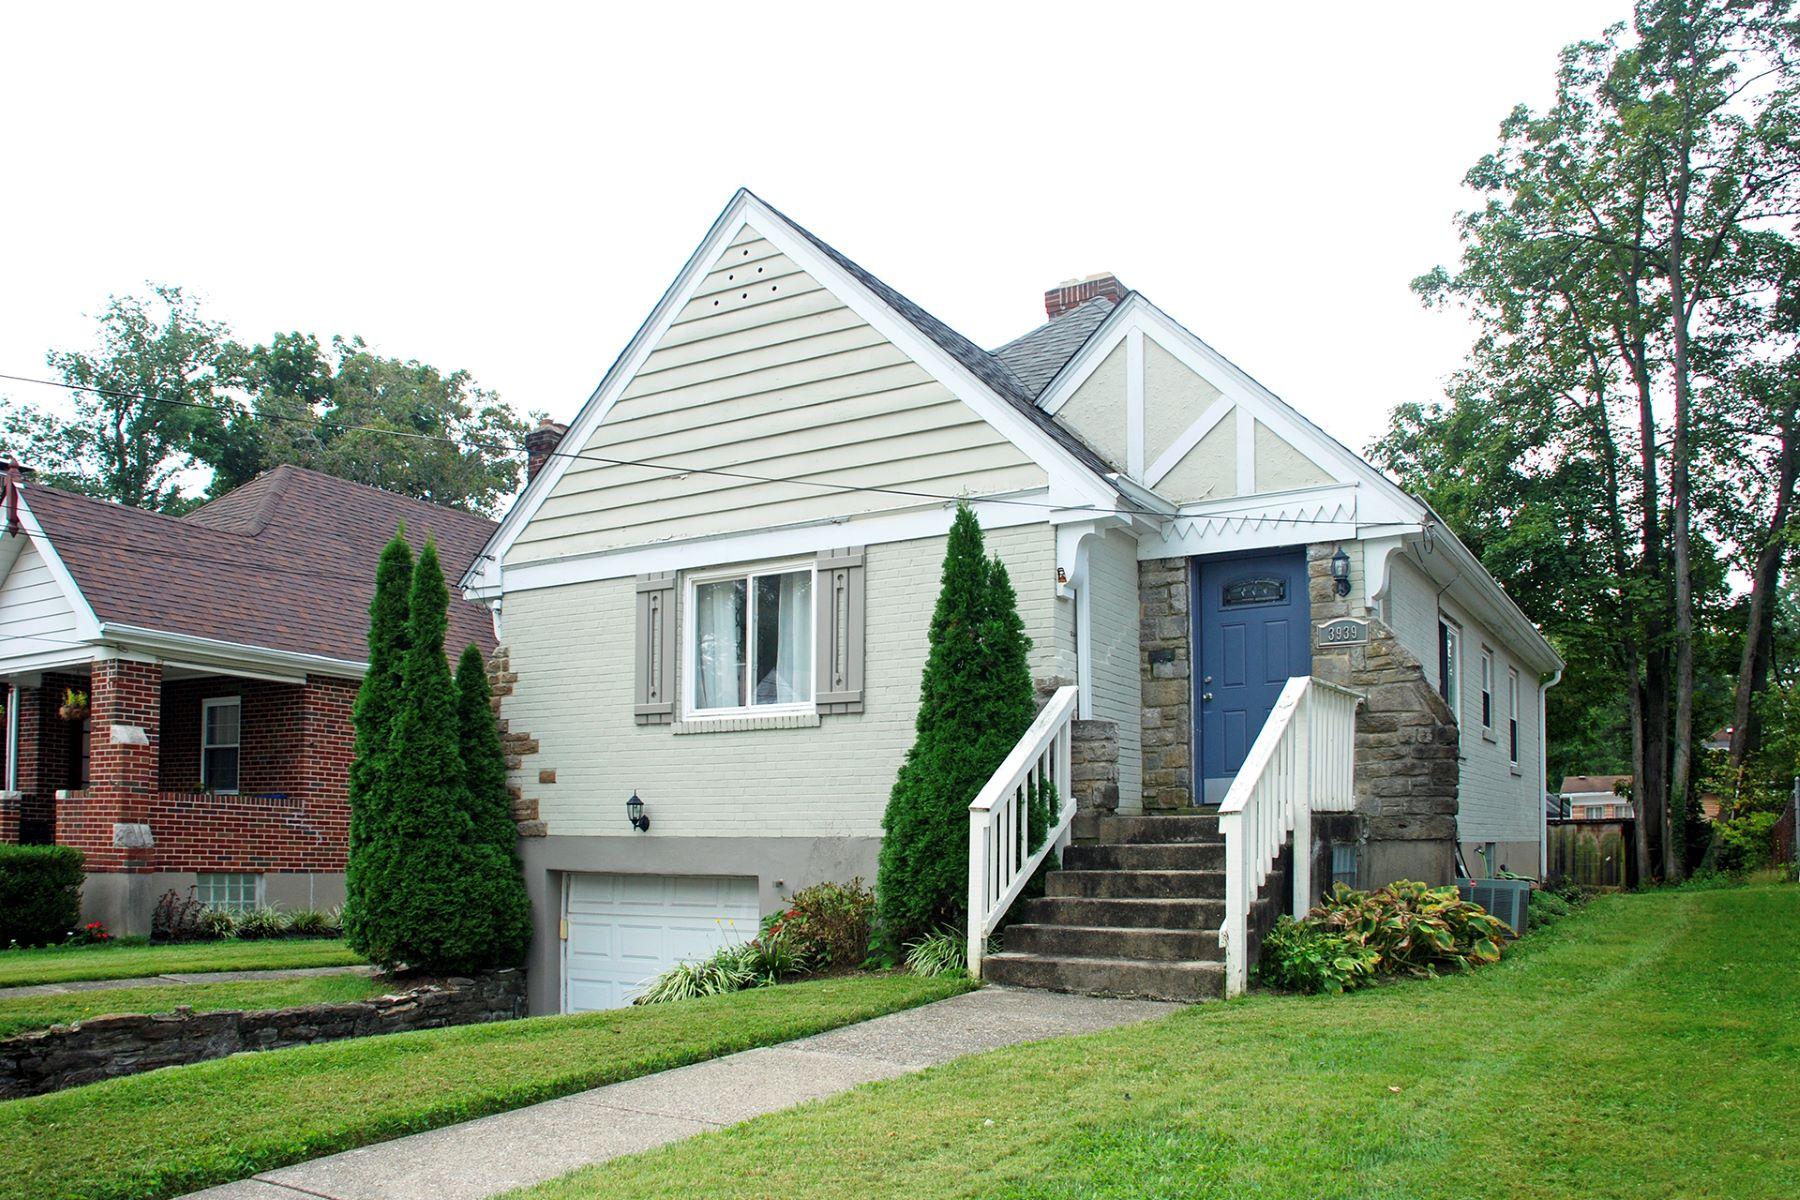 Casa Unifamiliar por un Venta en Delightful Cape Cod home 3939 Holmar Cir Silverton, Ohio 45236 Estados Unidos